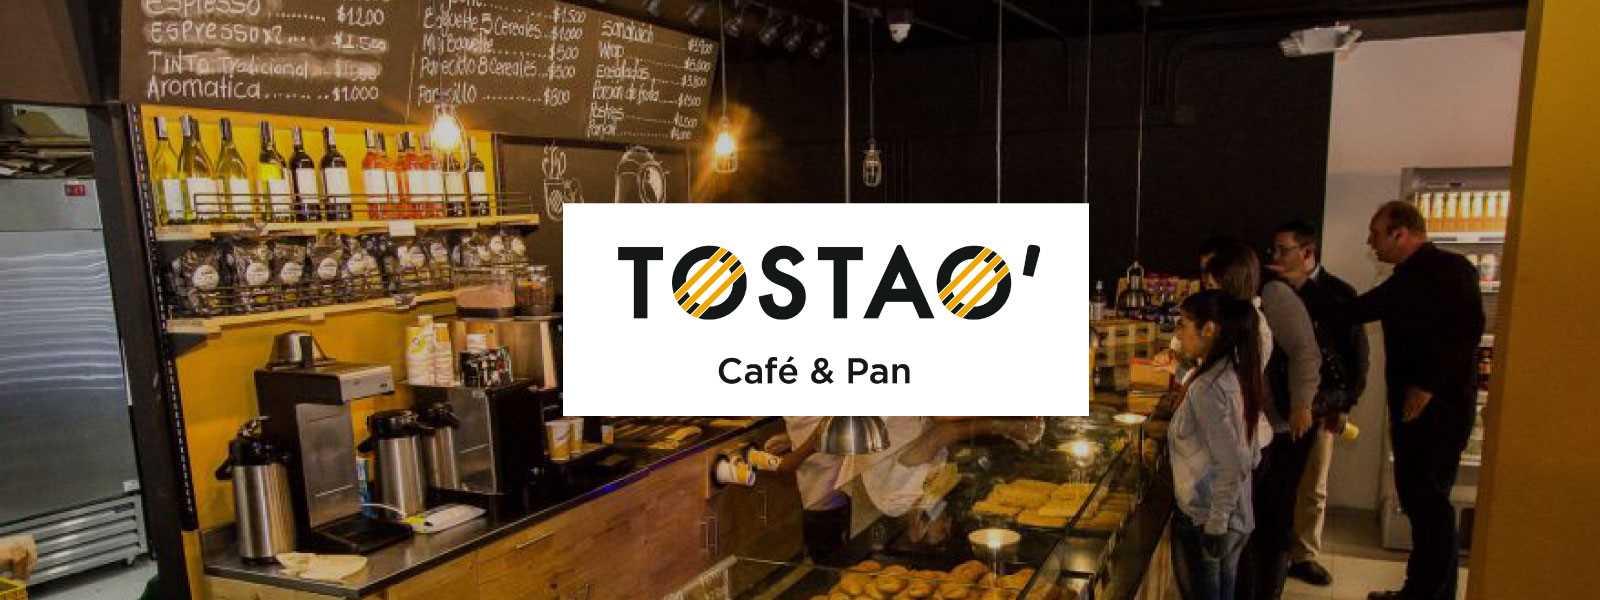 TOSTAO